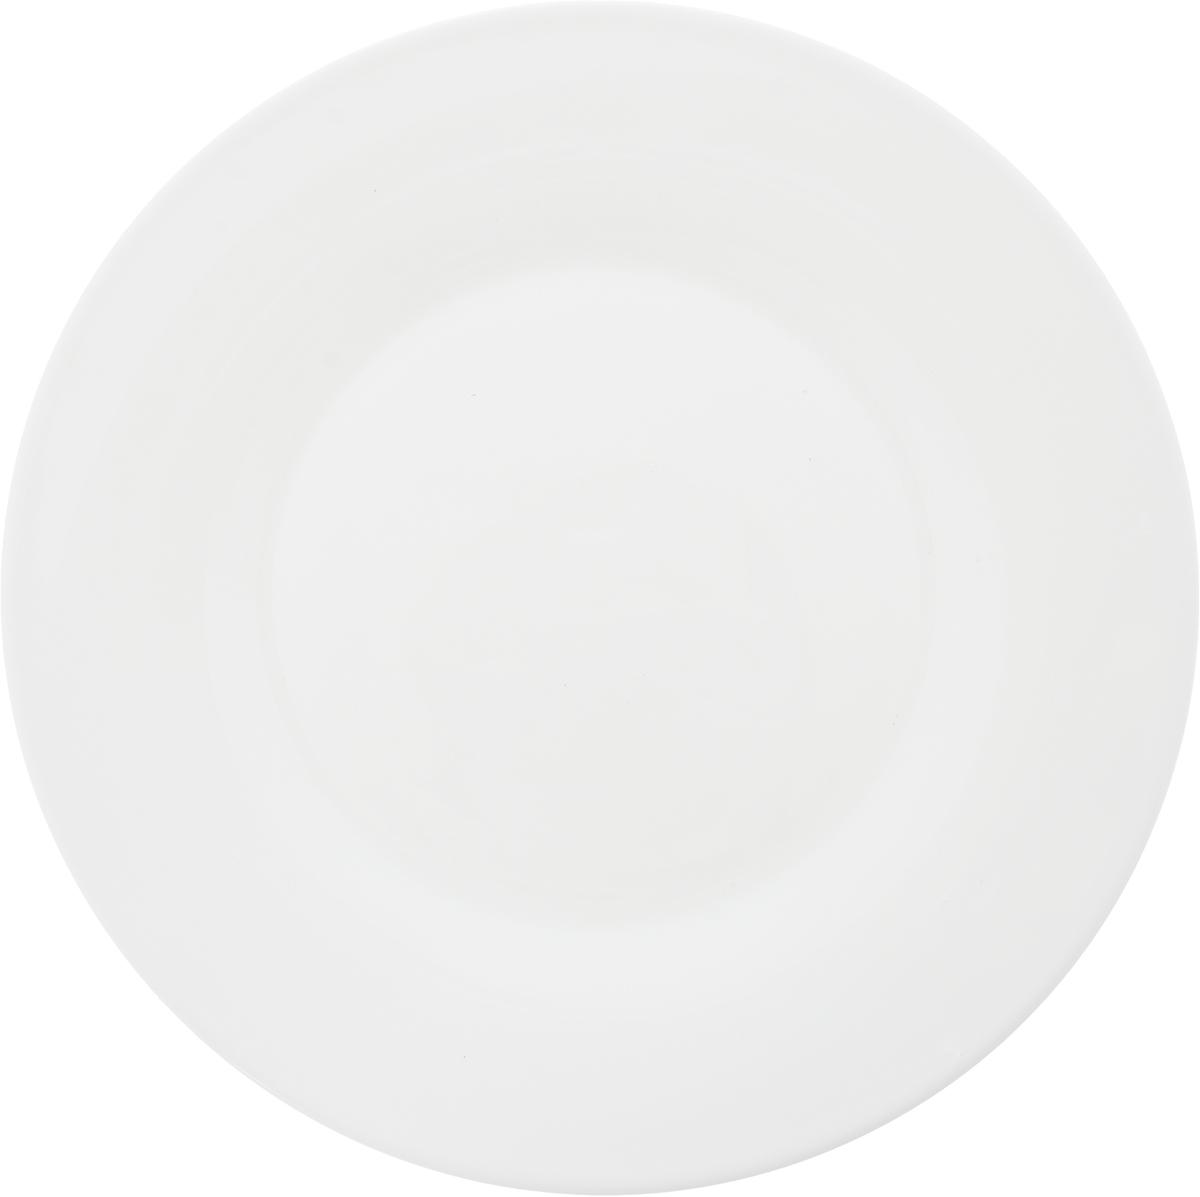 Тарелка обеденная Luminarc Alizee, диаметр 28 см салатник luminarc alizee 18 см